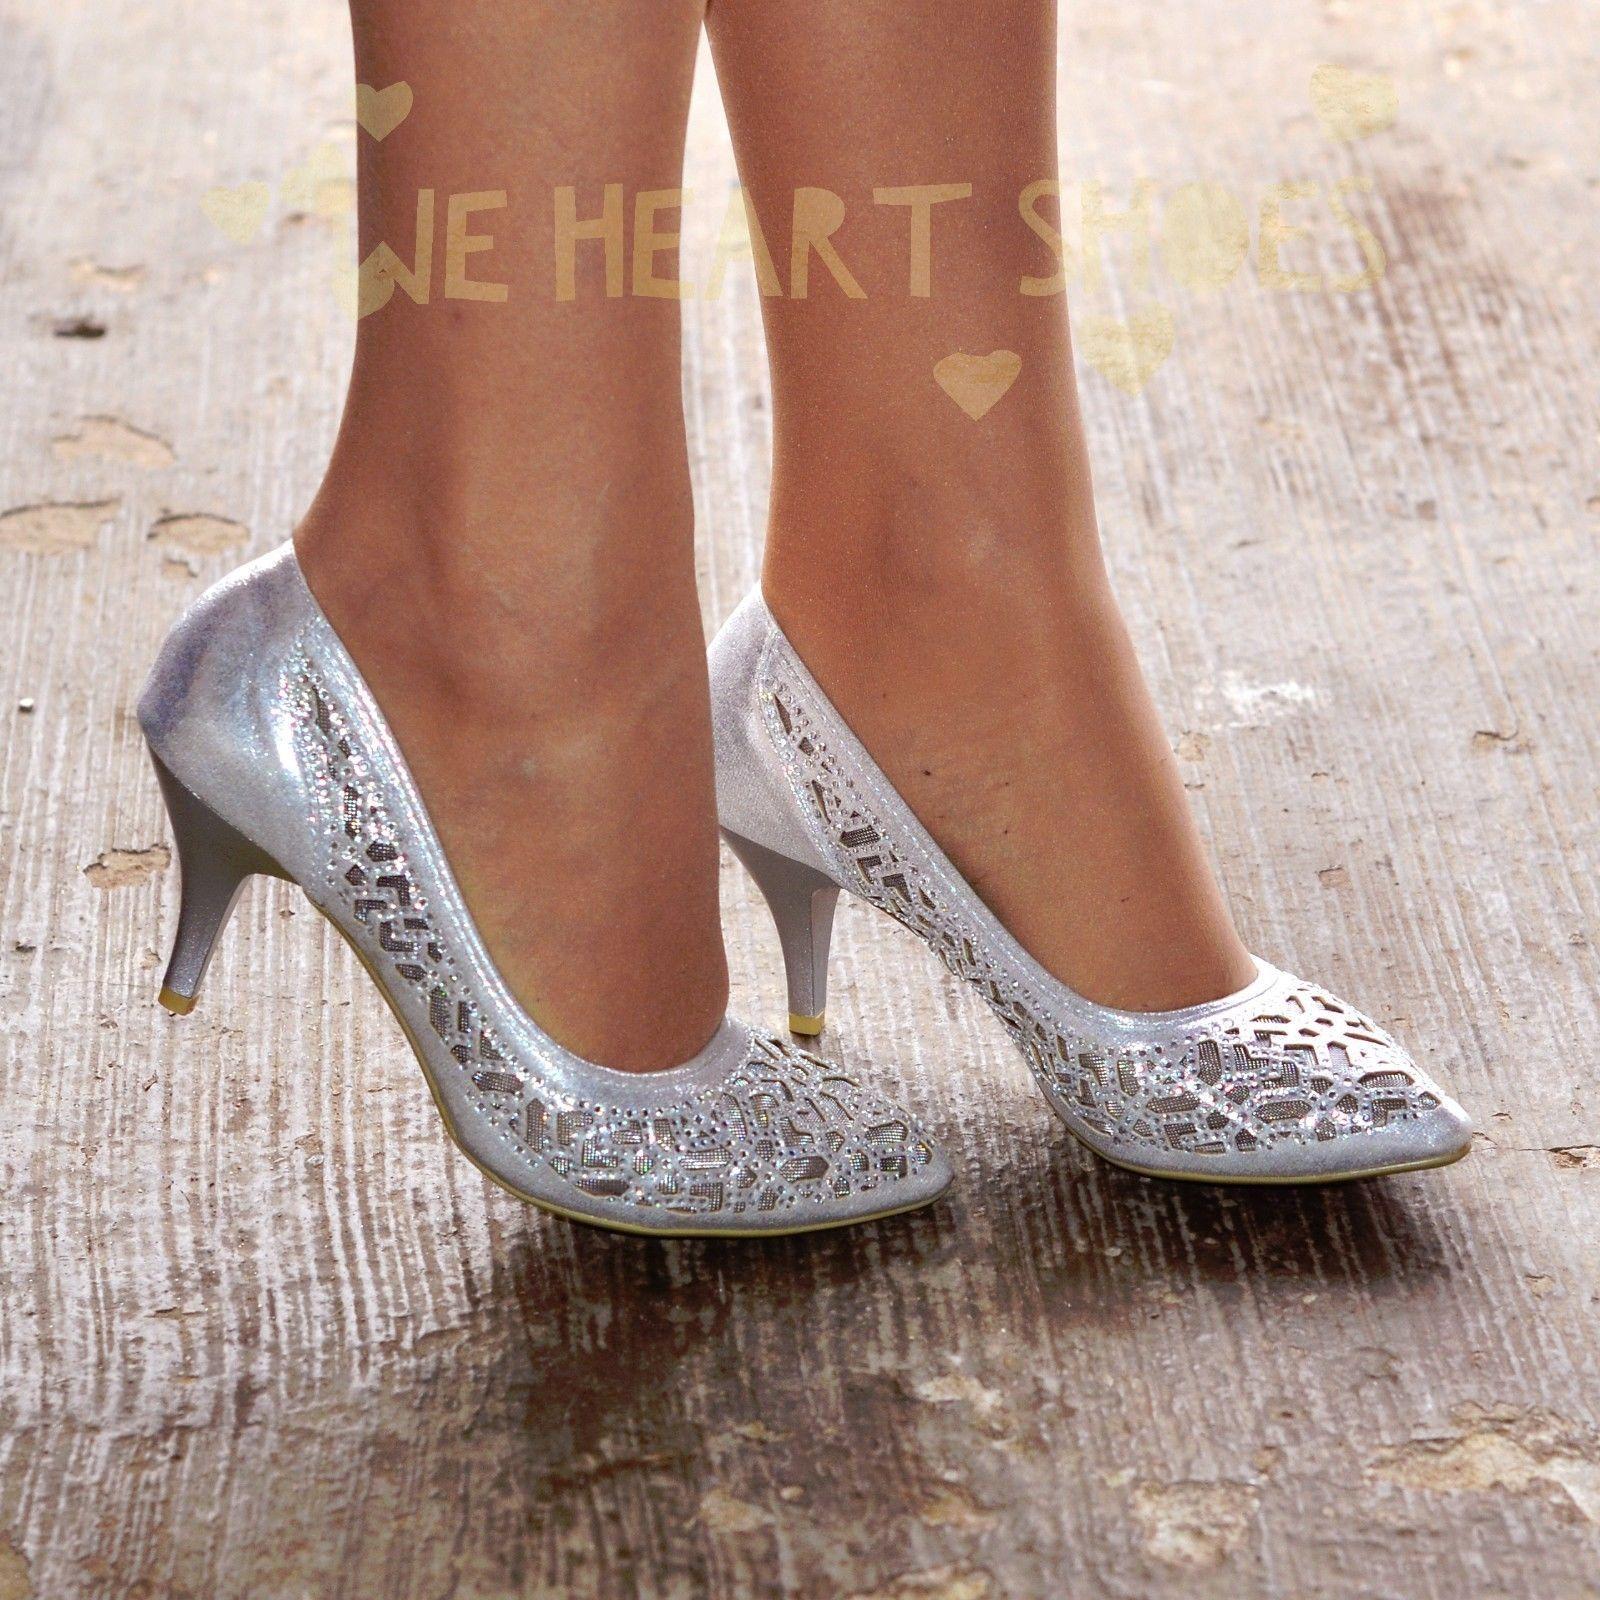 Stříbrné plesové střevíčky, sandálky - Obrázek č. 1